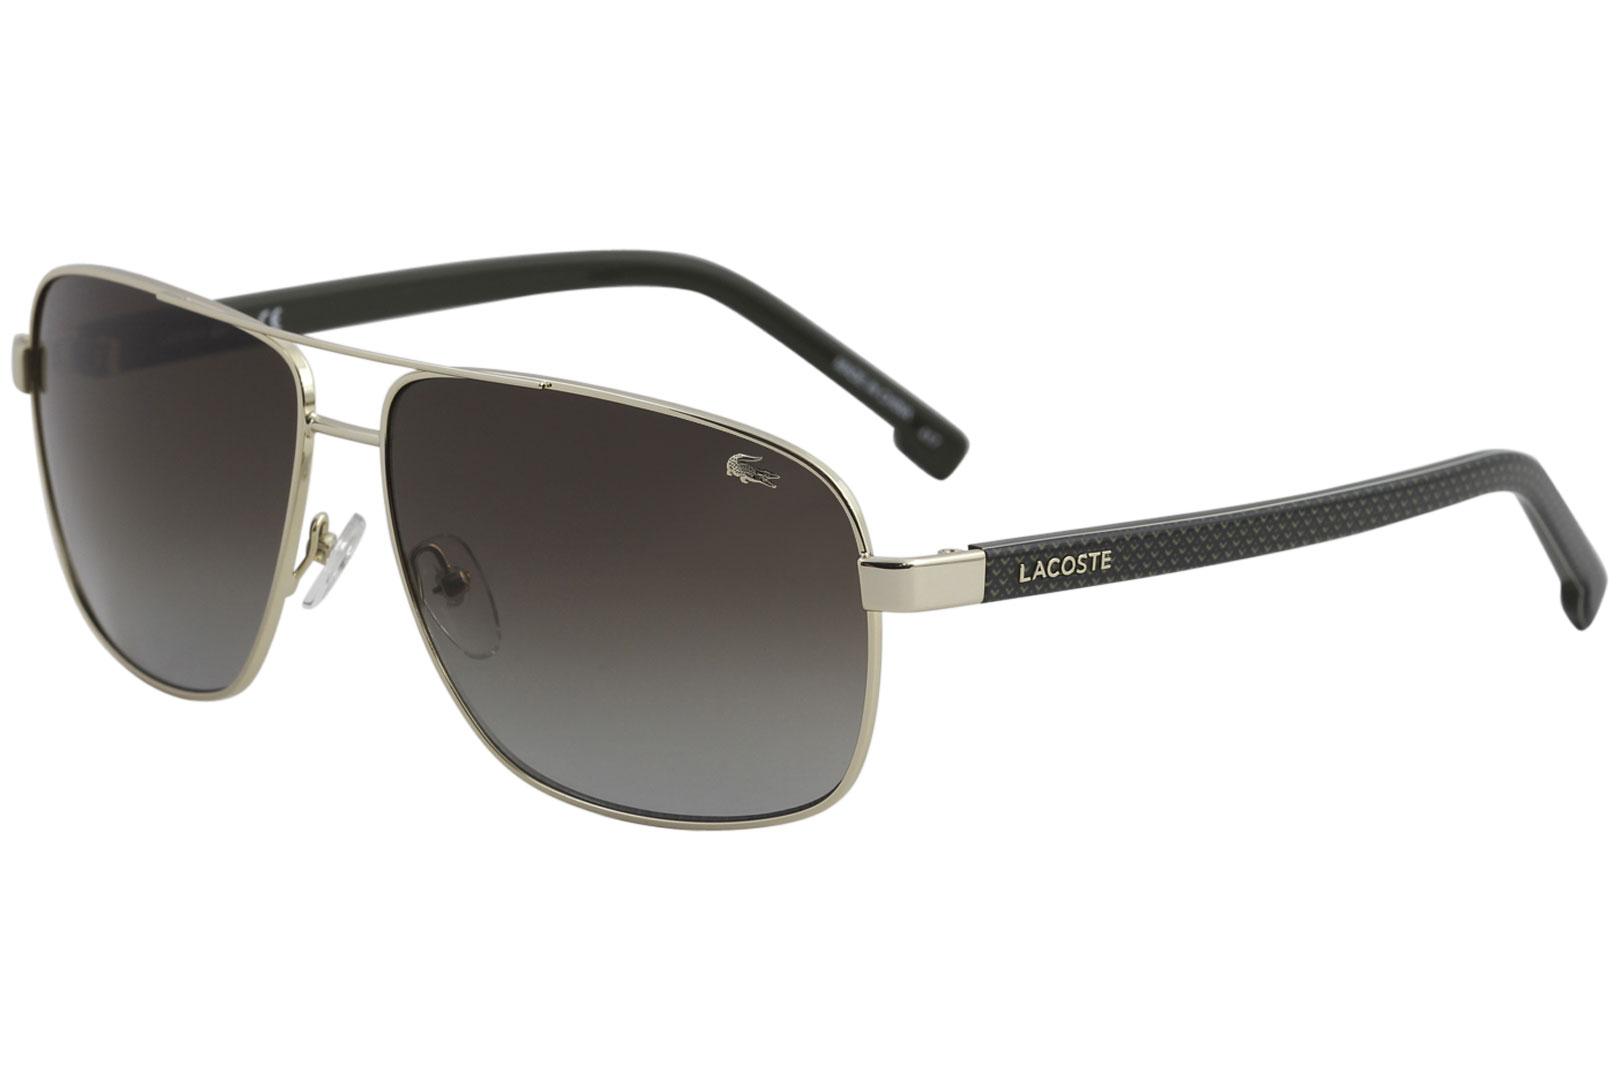 6532de80a95 Lacoste Men s L162S L 162 S 714 Gold Fashion Pilot Sunglasses 61mm ...